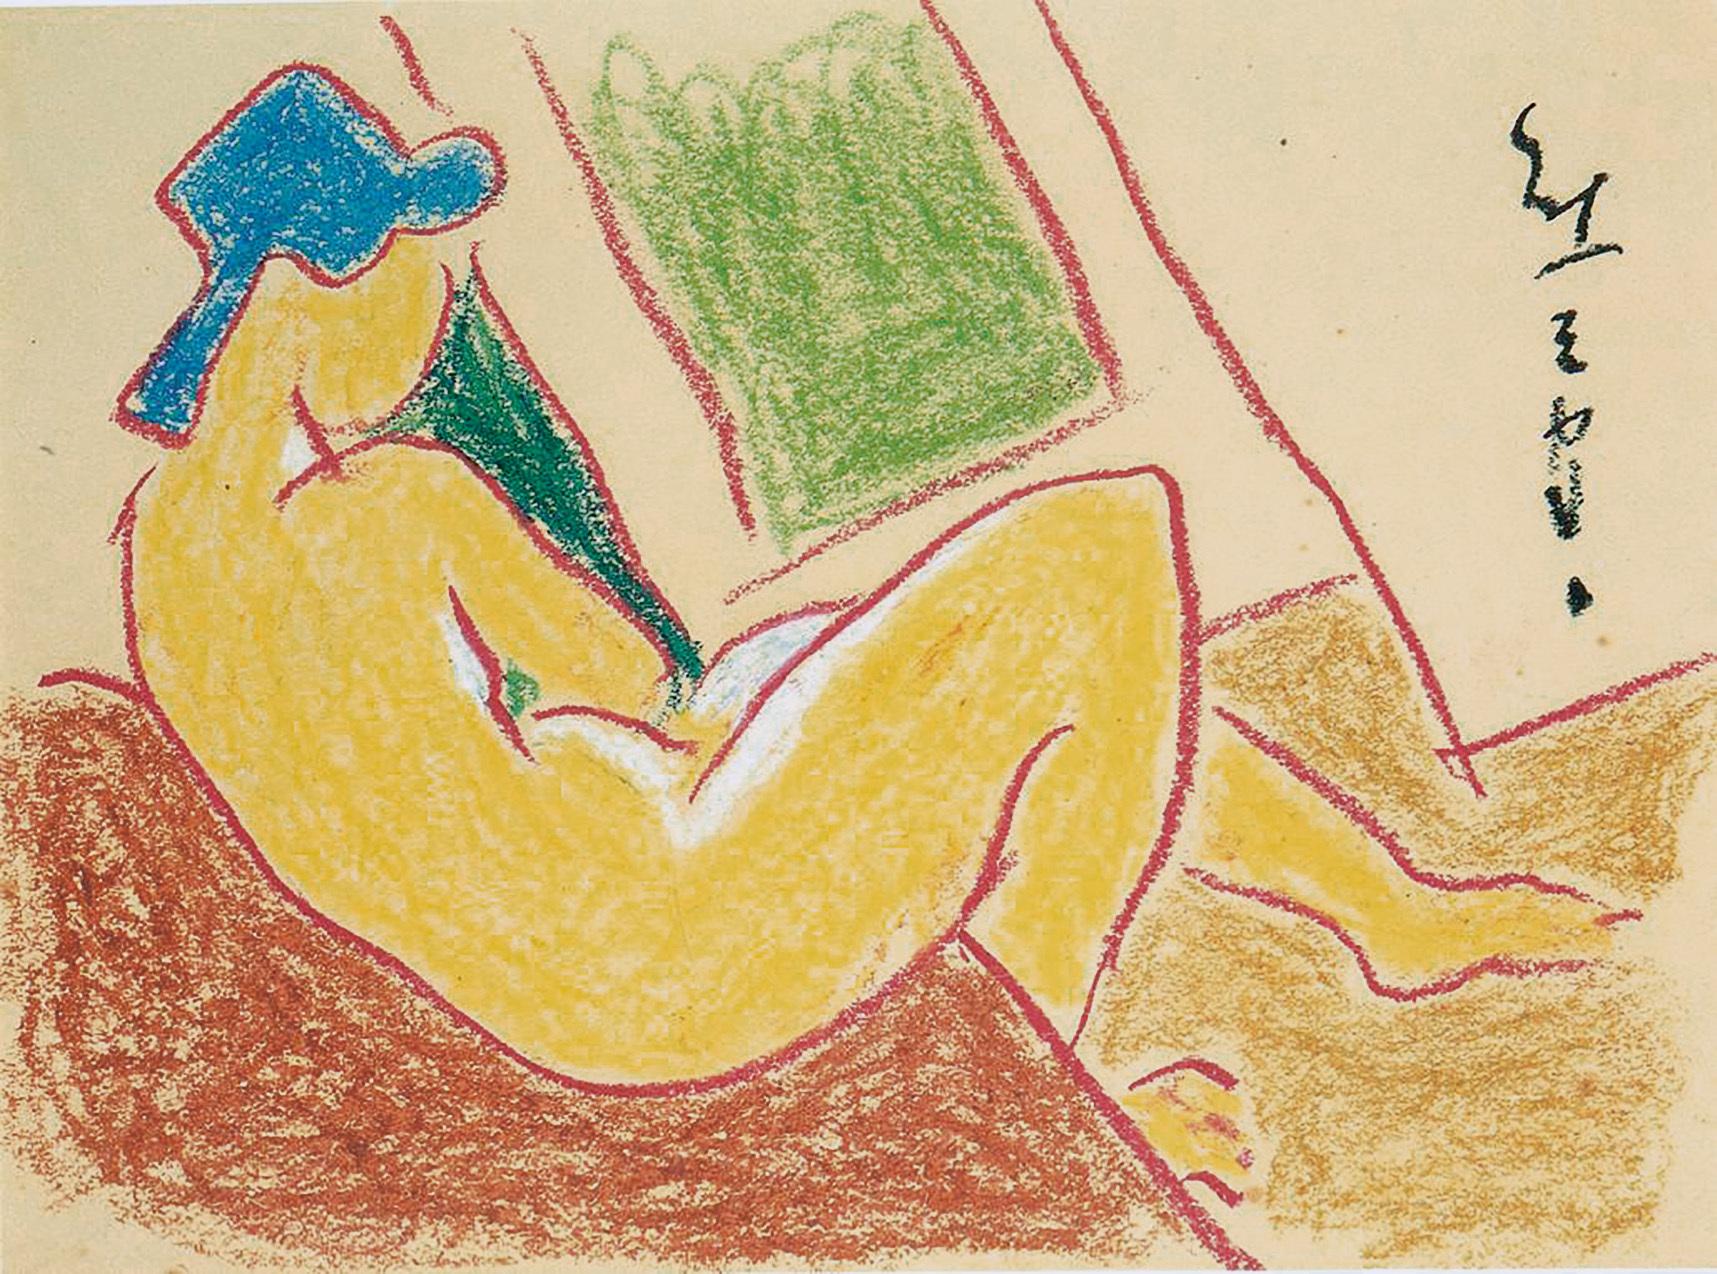 熊谷守一《裸婦》 制作年不明28.6×37.2cmサクラアートミュージアム蔵